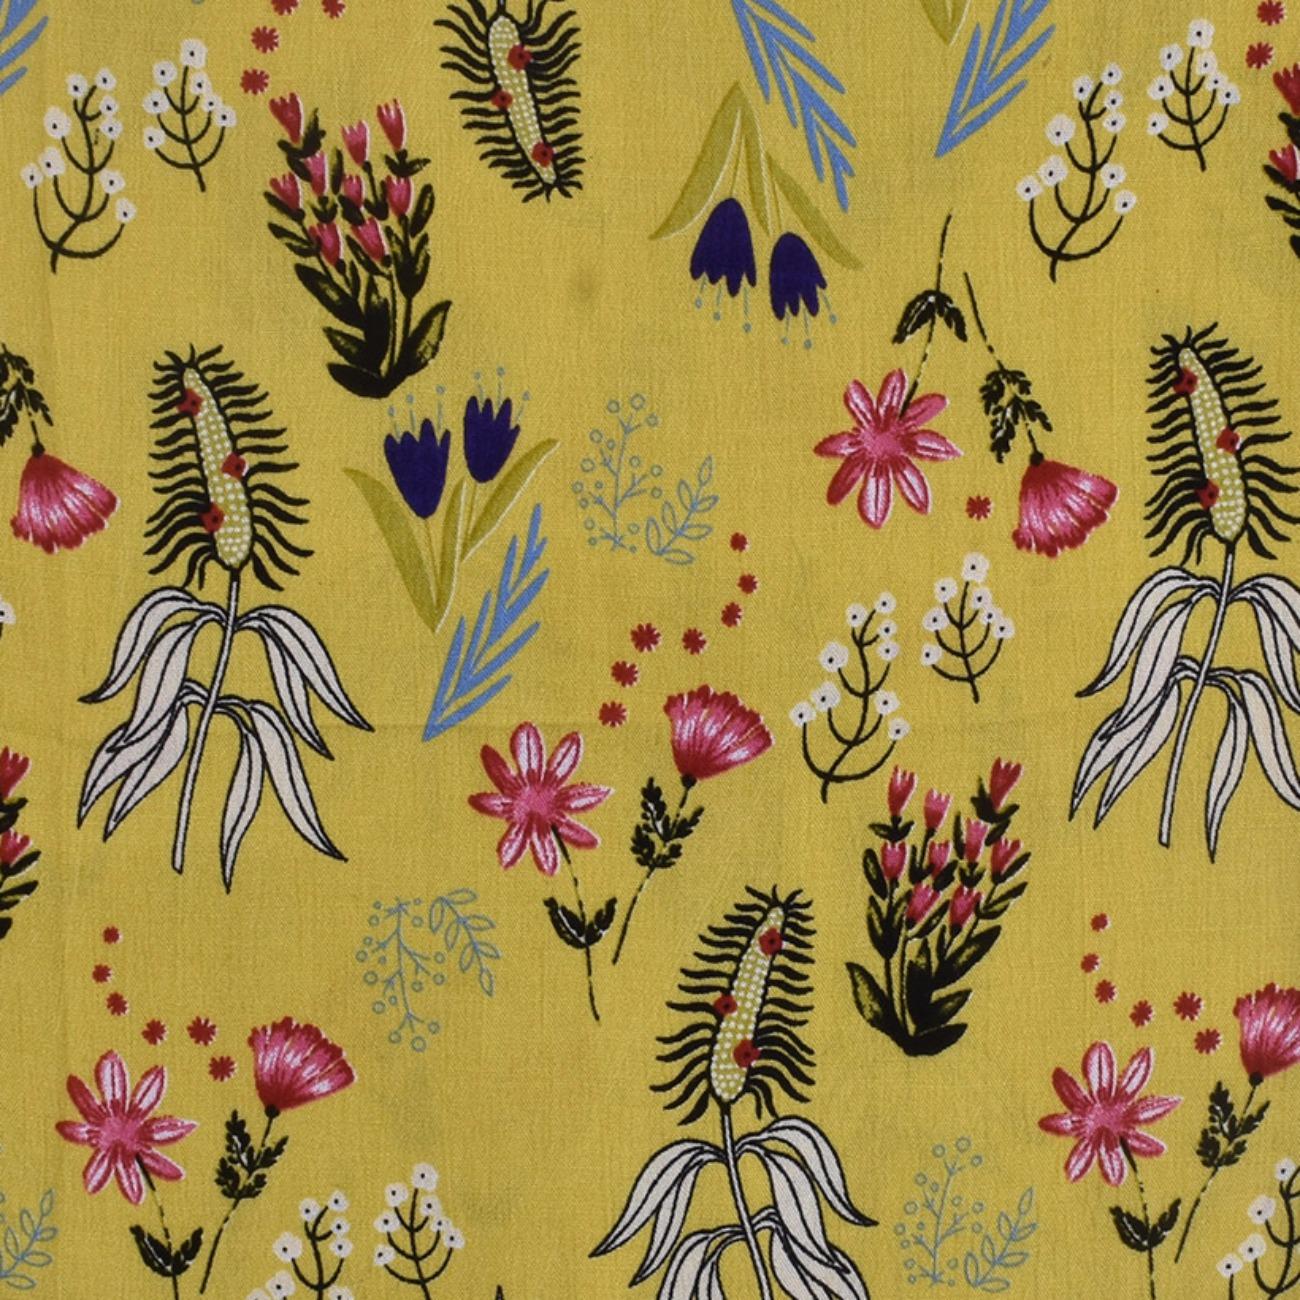 人棉皱 现货 植物 花朵 梭织 印花 无弹 衬衫 连衣裙 短裙 棉感 薄 70522-5